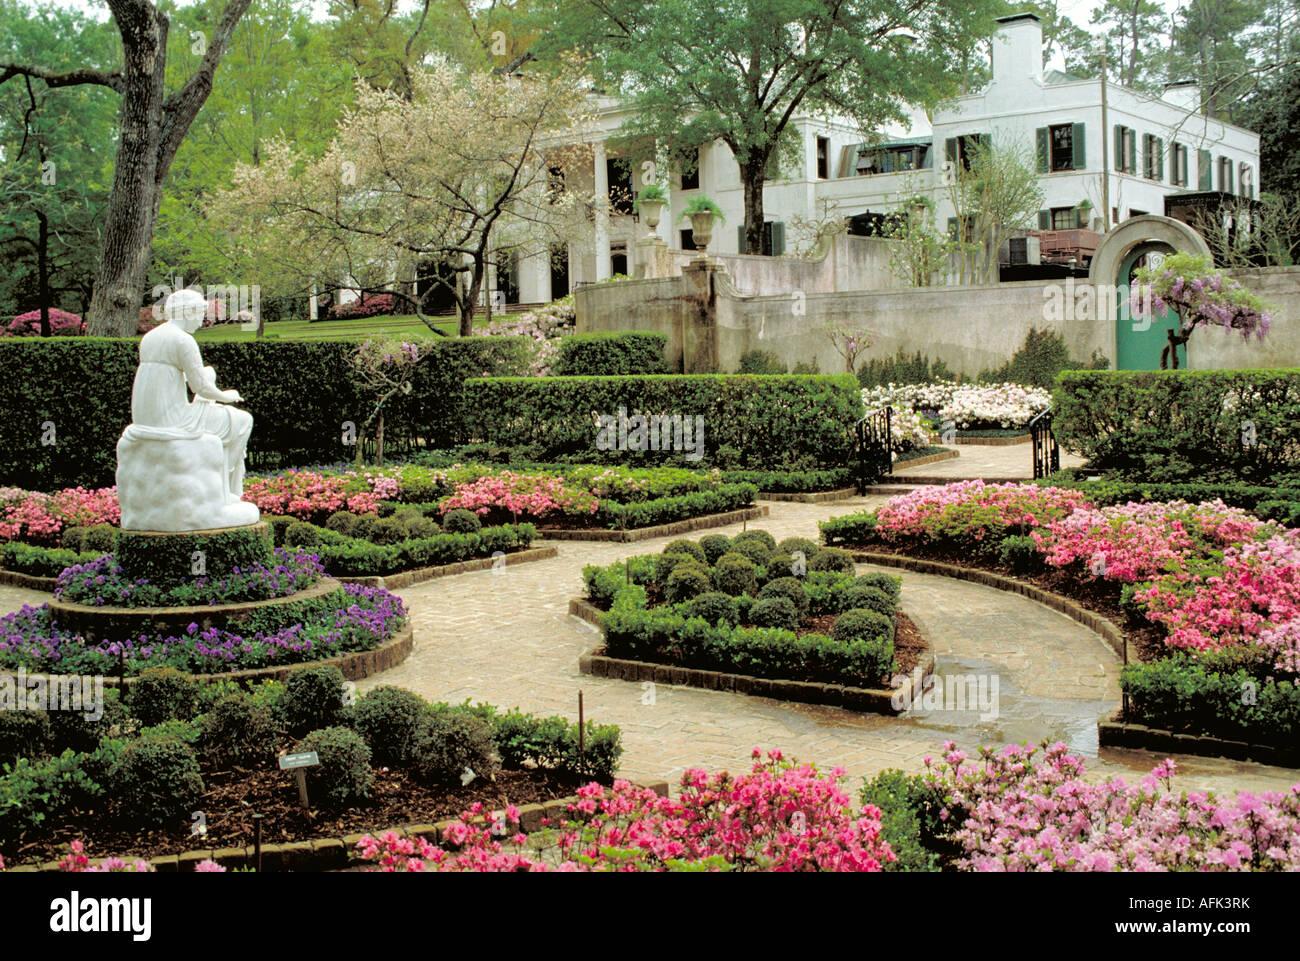 Usa Houston Texas Bayou Bend Stock Photos Usa Houston Texas